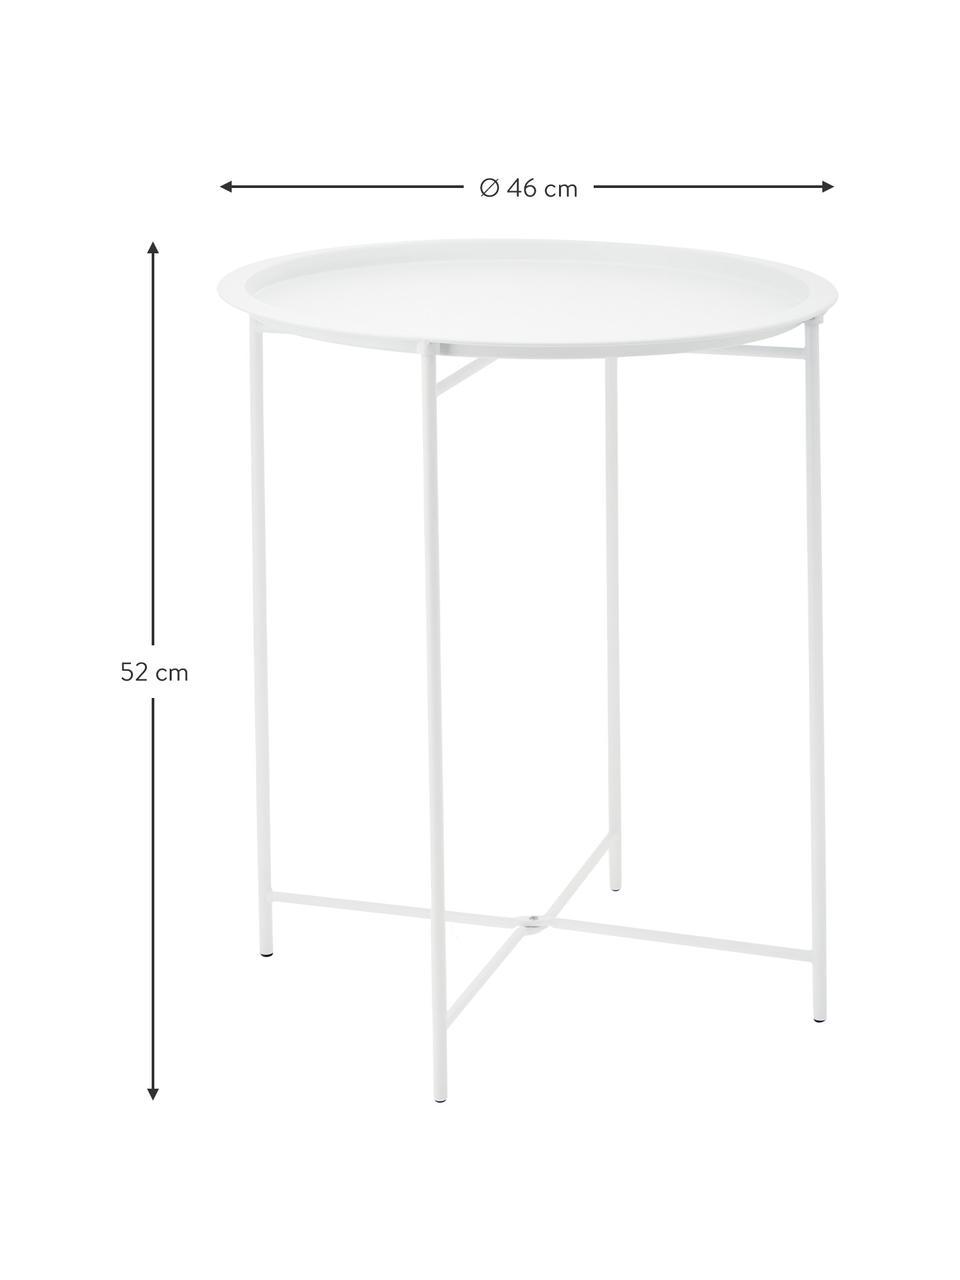 Table d'appoint en métal avec plateau amovible Sangro, Blanc